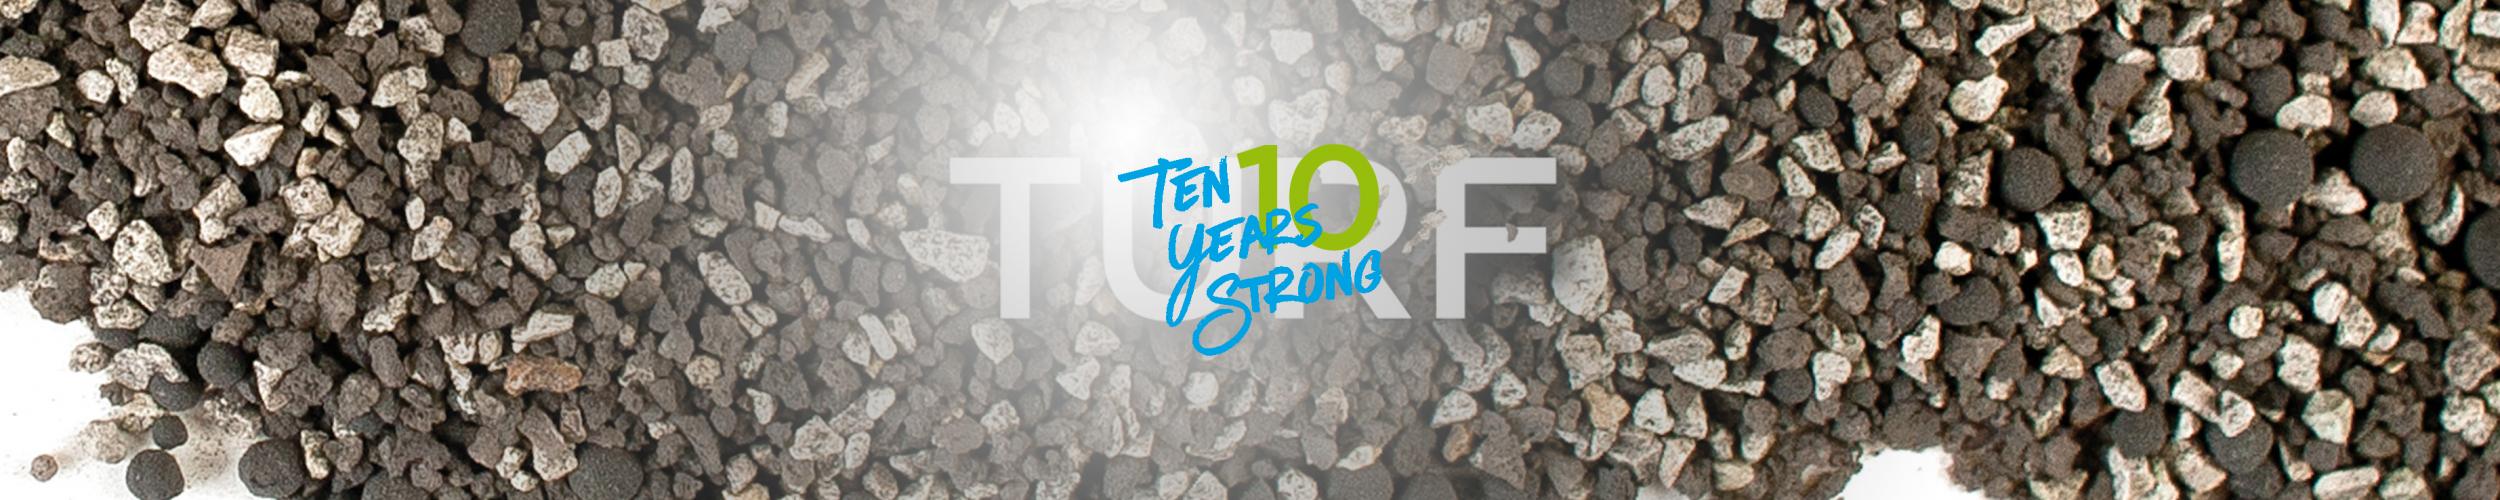 TerraCottem Turf amendement du sol pour gazons et terrains sportifs